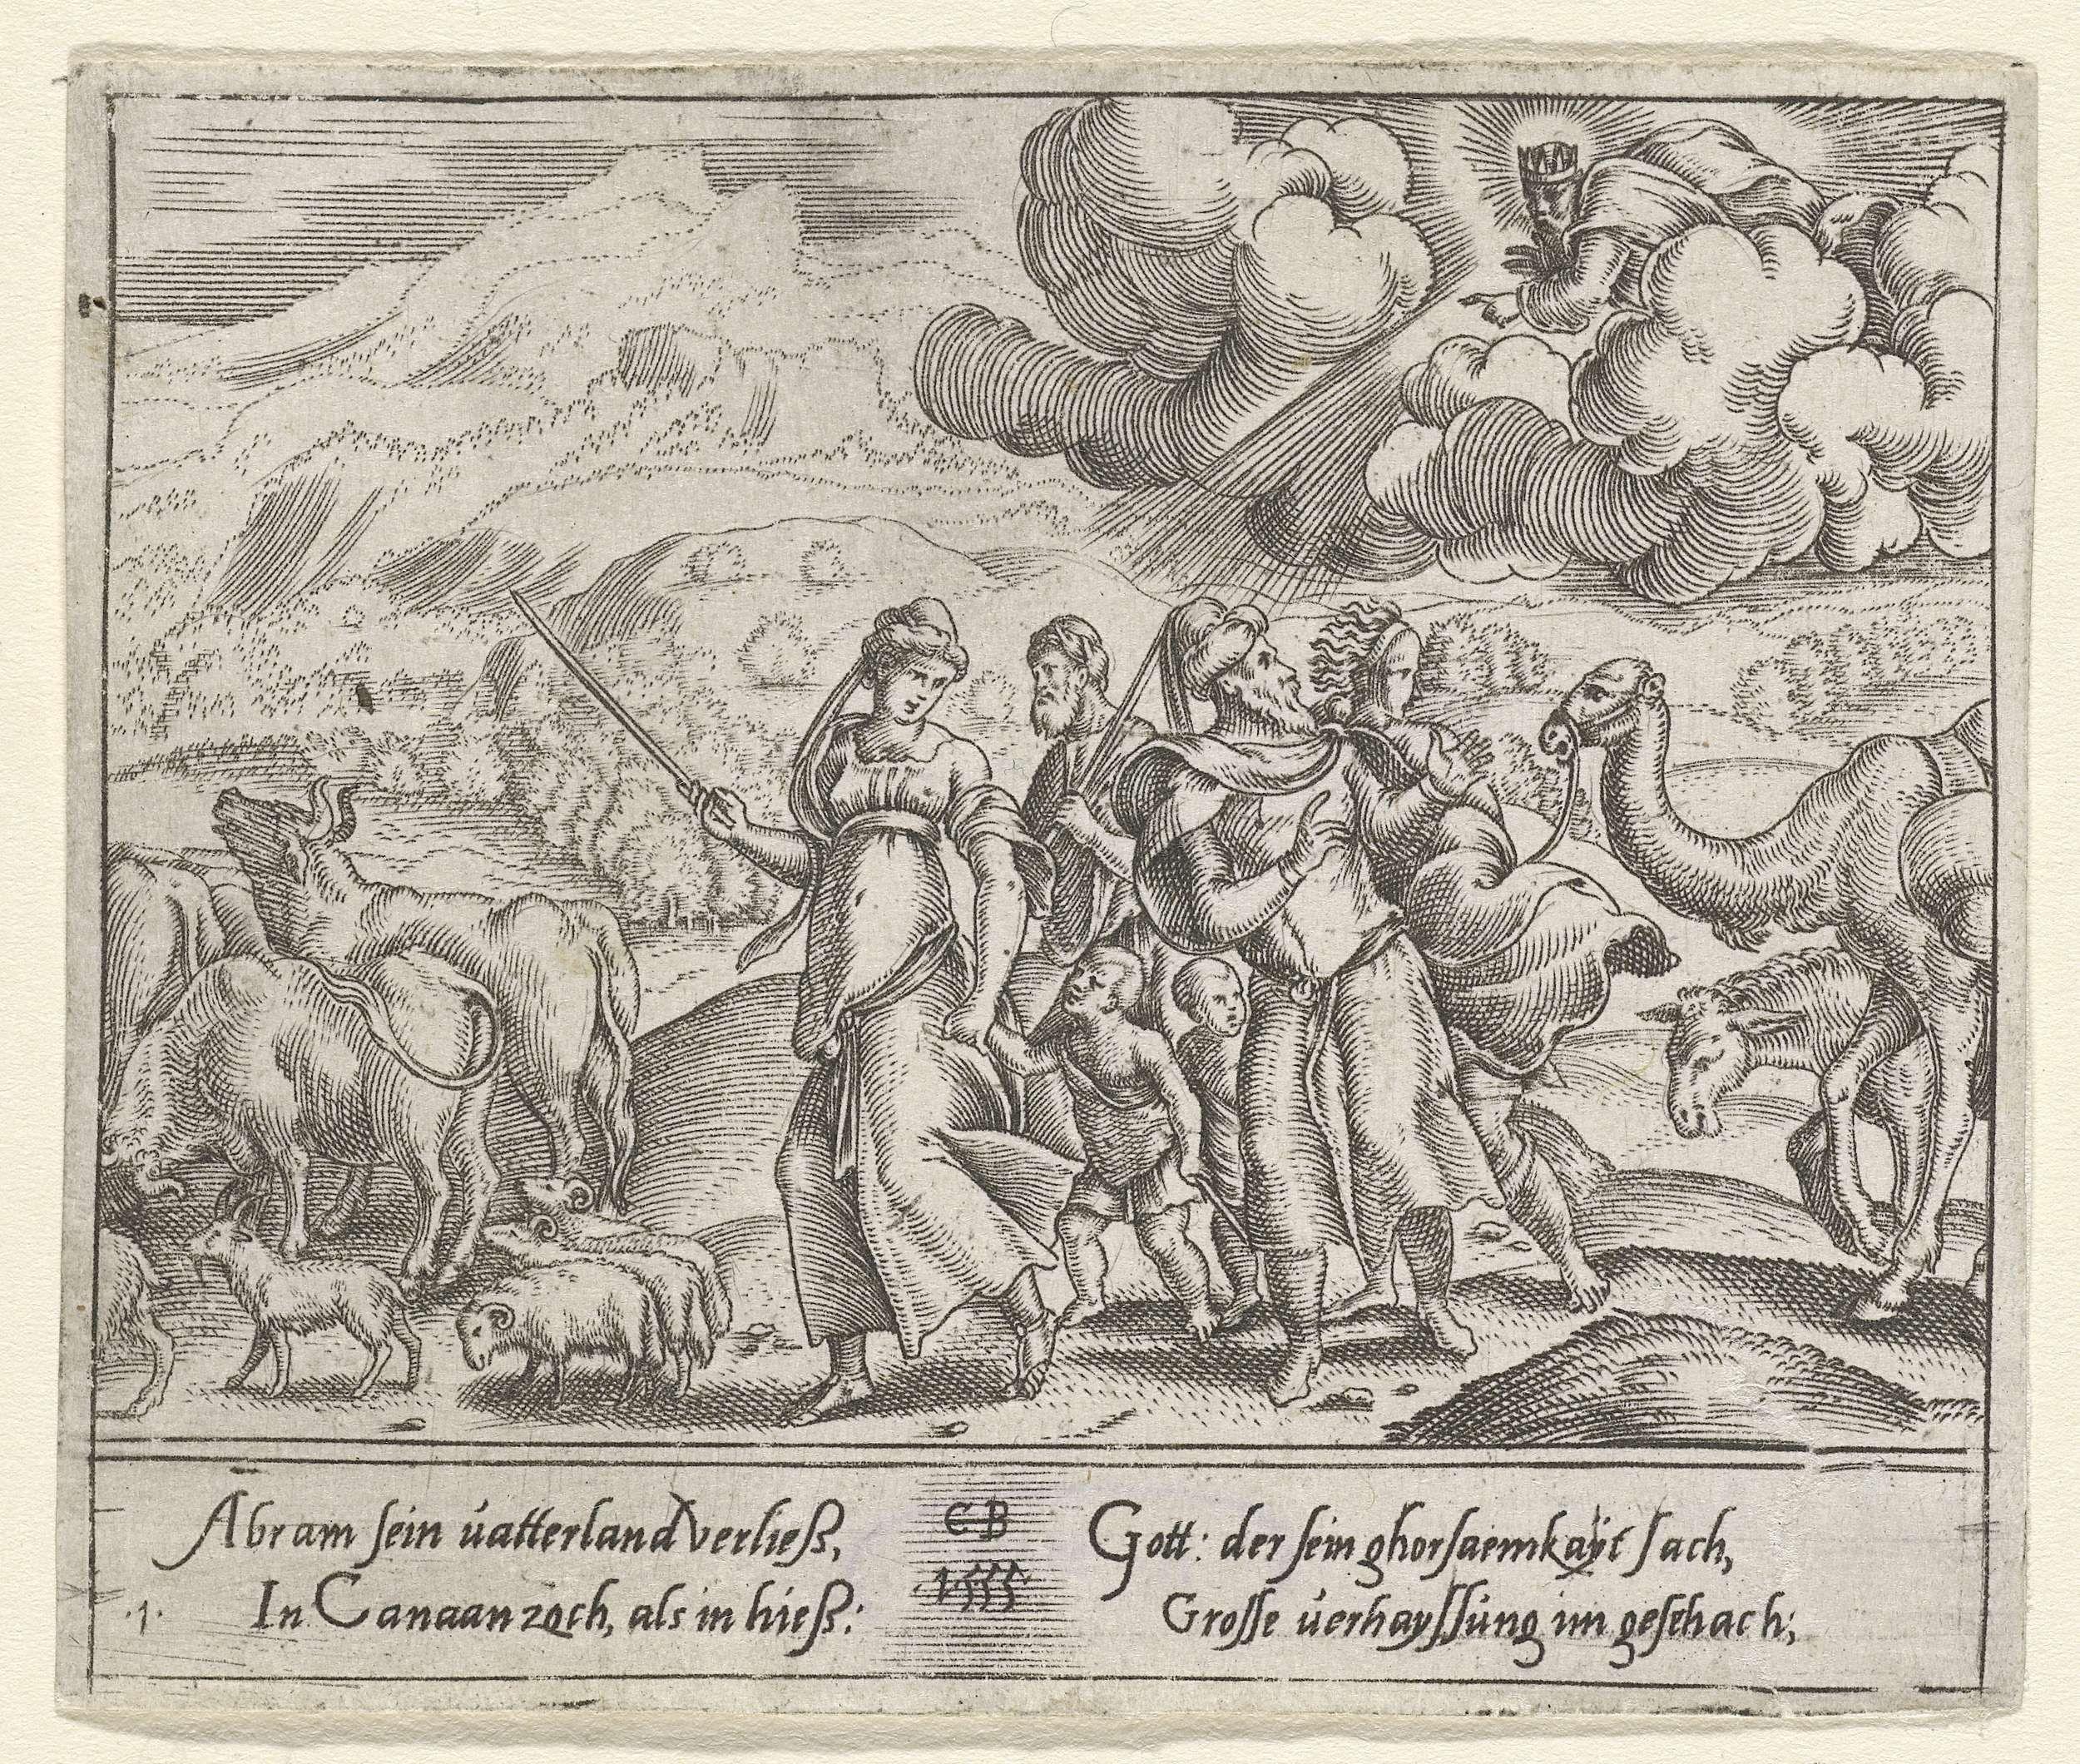 Cornelis Bos | Abraham trekt naar Kanaän, Cornelis Bos, 1555 | God wijst Abraham de weg naar Kanaän. Abraham trekt met zijn familie en zijn dieren naar het hem onbekende land. Prent uit een serie van 12 prenten met het leven van Abraham. Alle prenten hebben vier regels Duitse verklarende tekst in de ondermarge.